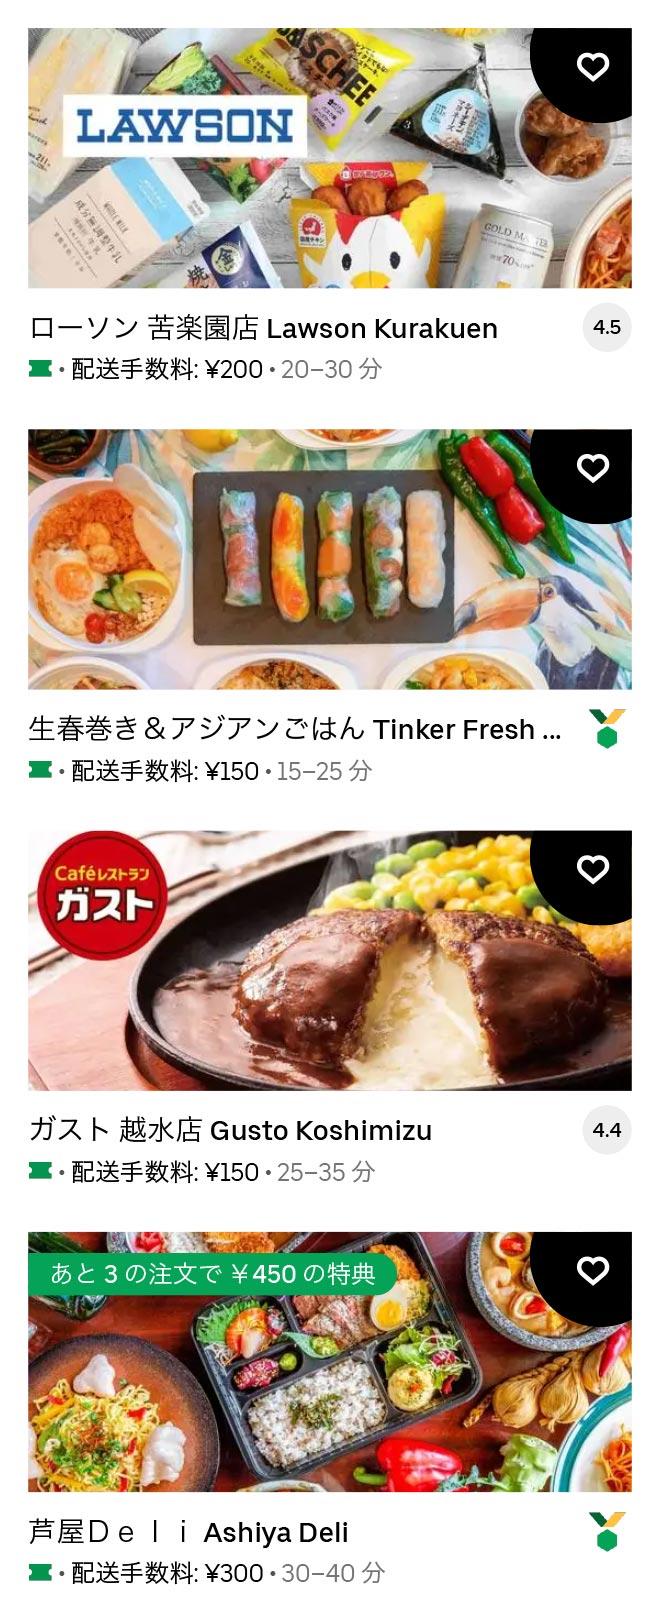 U nishinomiya 2105 05